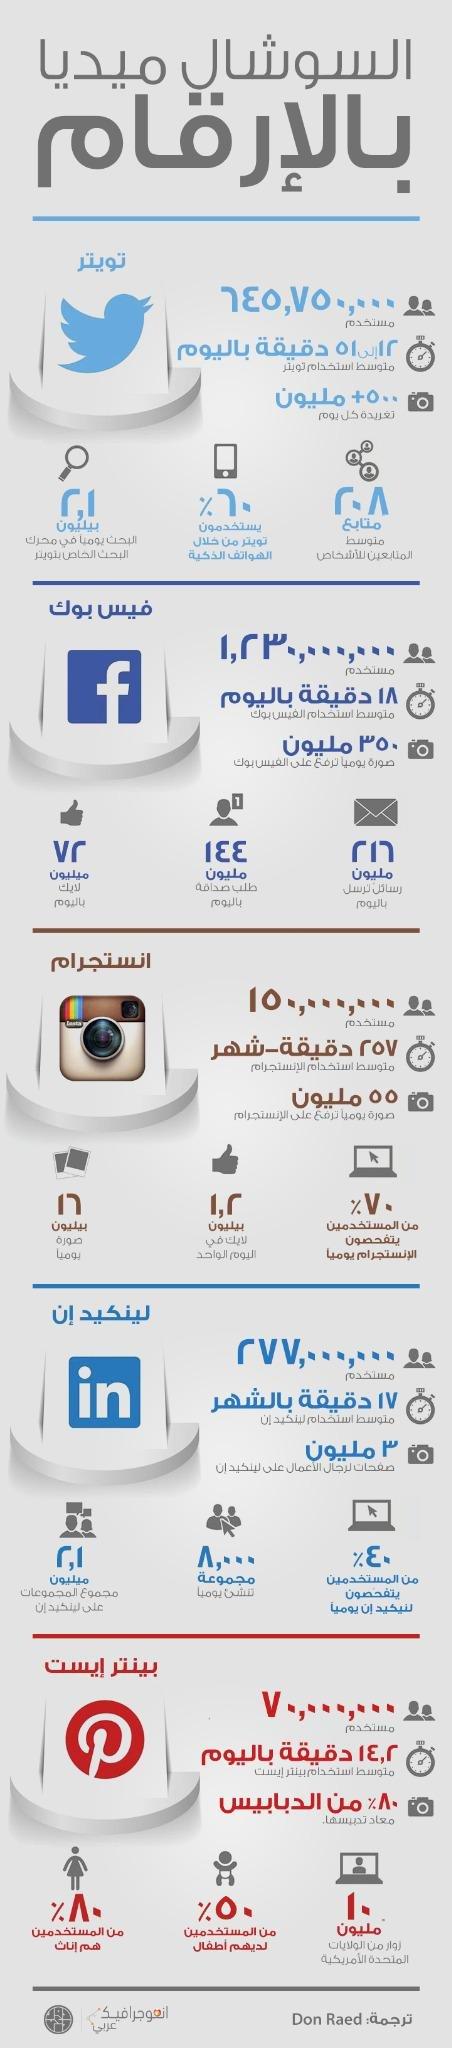 الإعلام الاجتماعي بالأرقام #انفوجرافيك #اعلام_اجتماعي #شبكات_اجتماعية